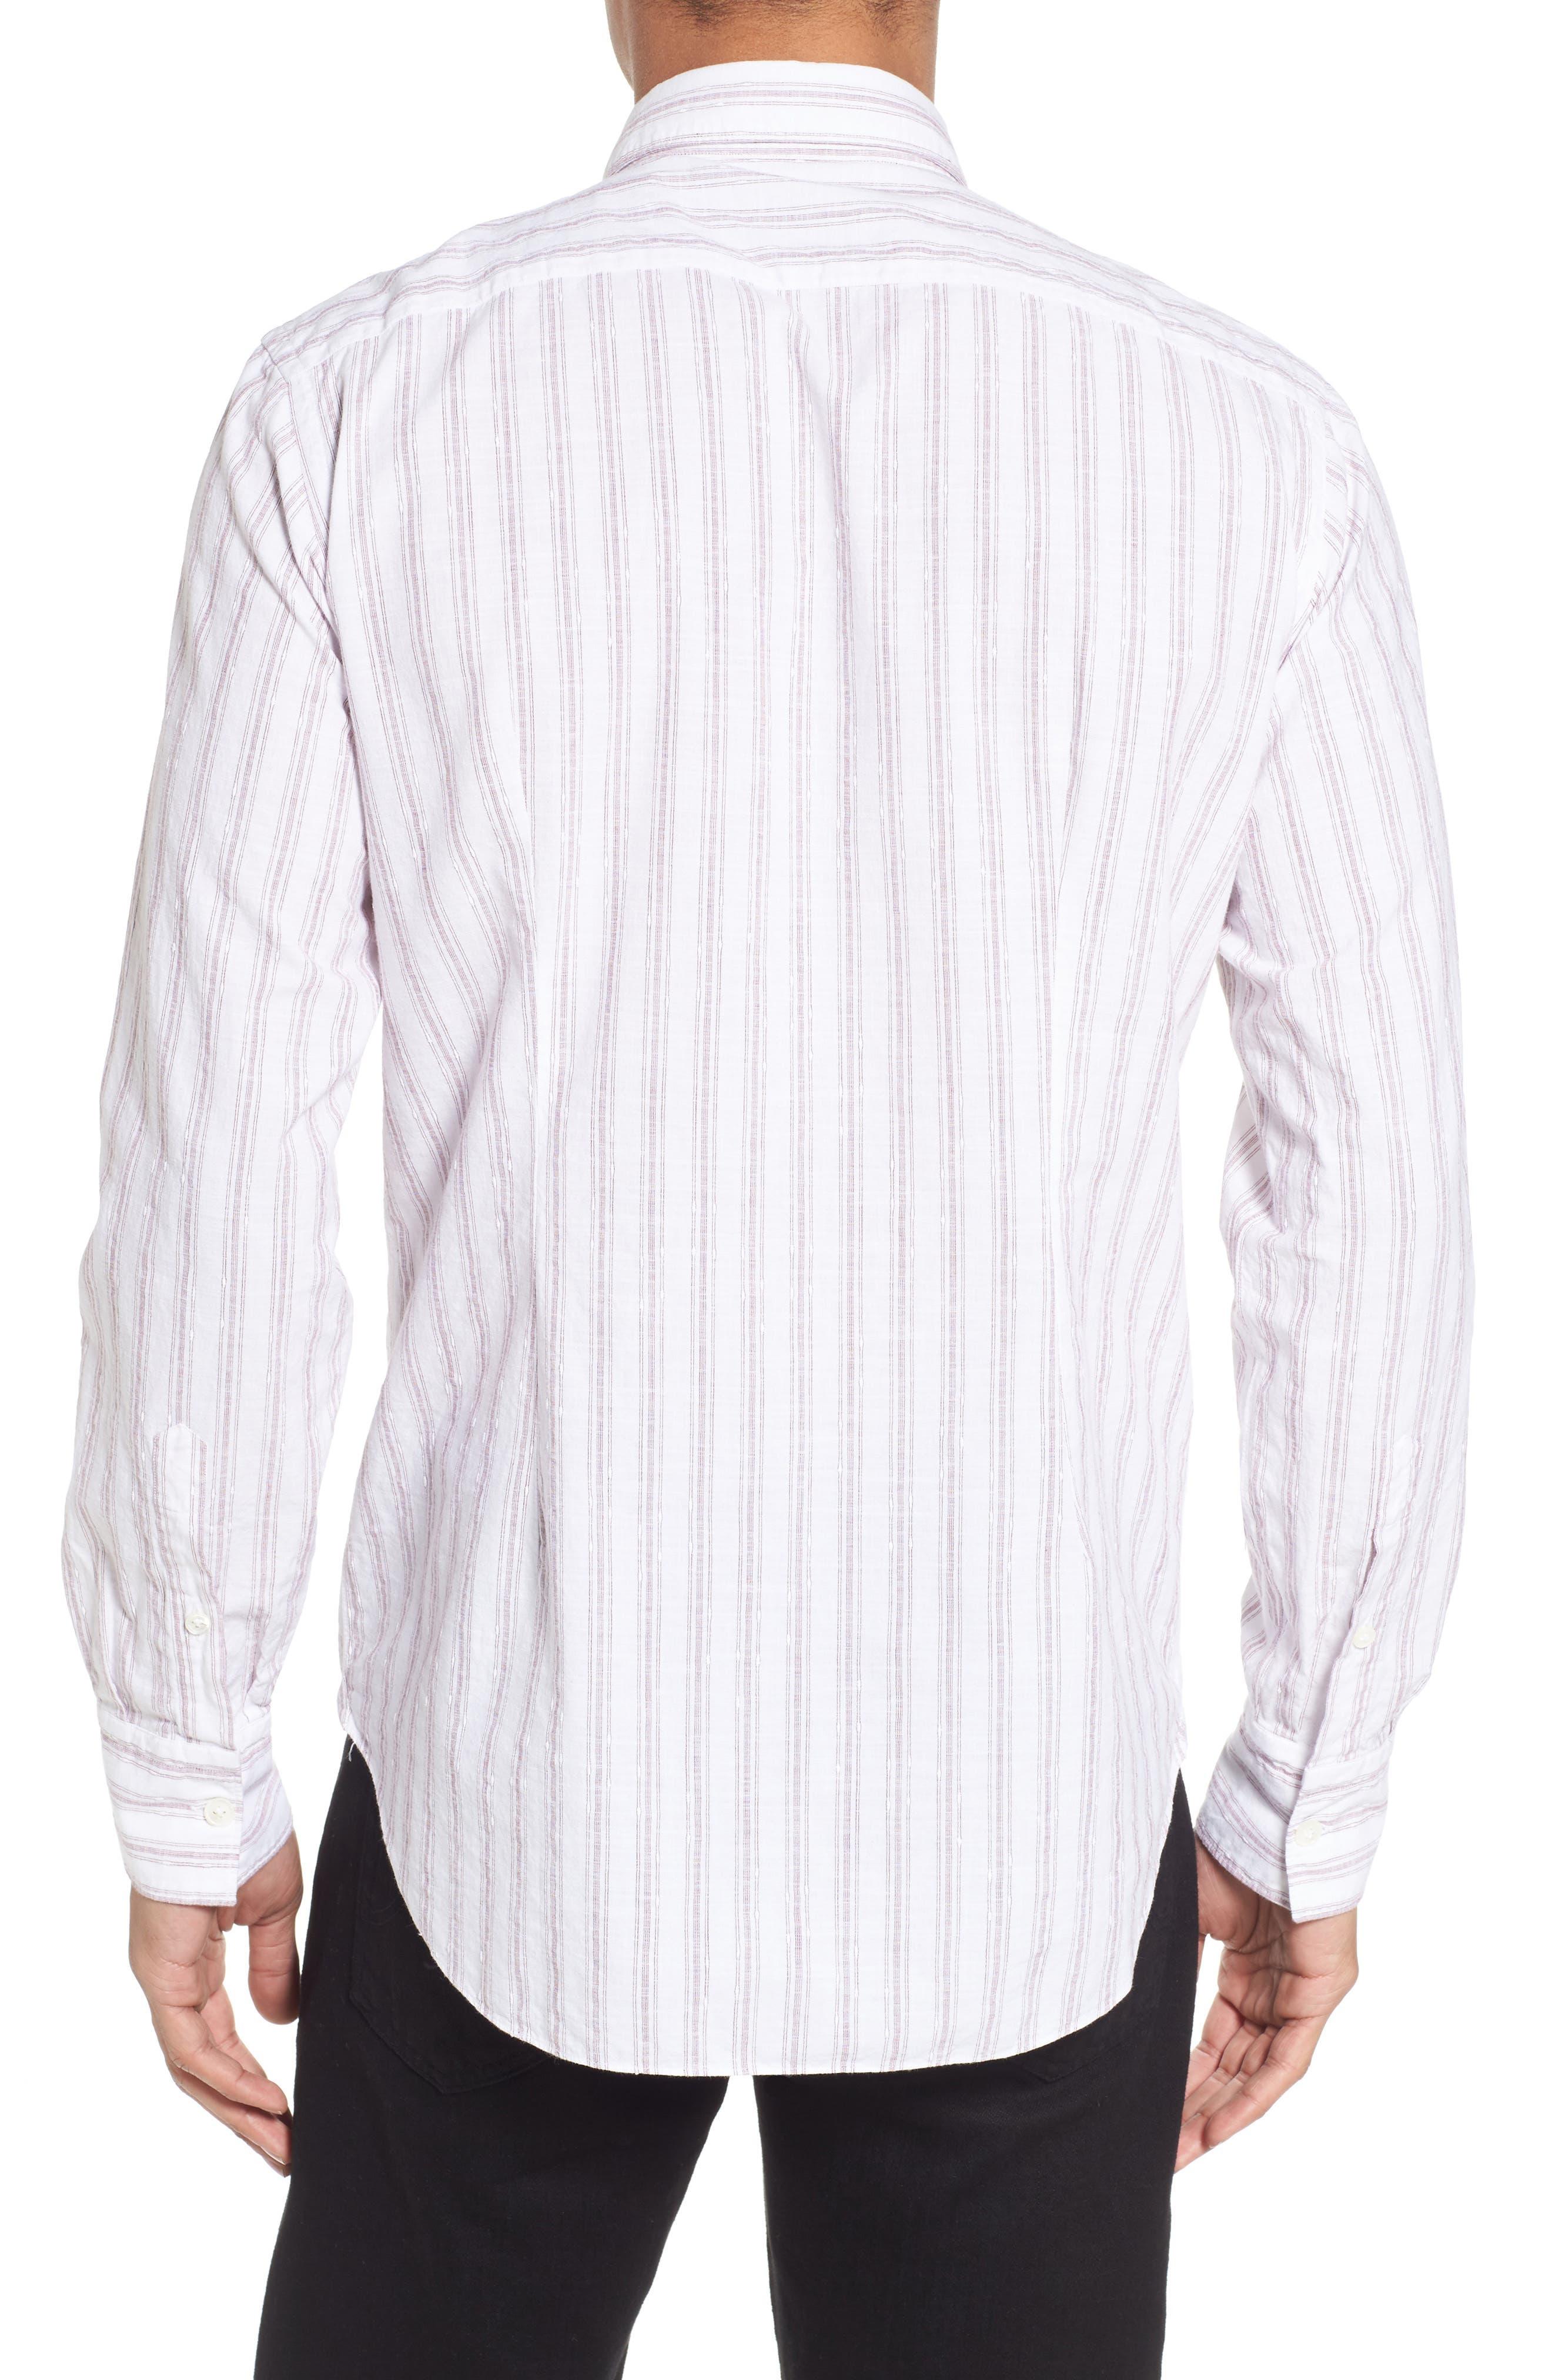 John T Slim Fit Sport Shirt,                             Alternate thumbnail 2, color,                             Blue/ Nat